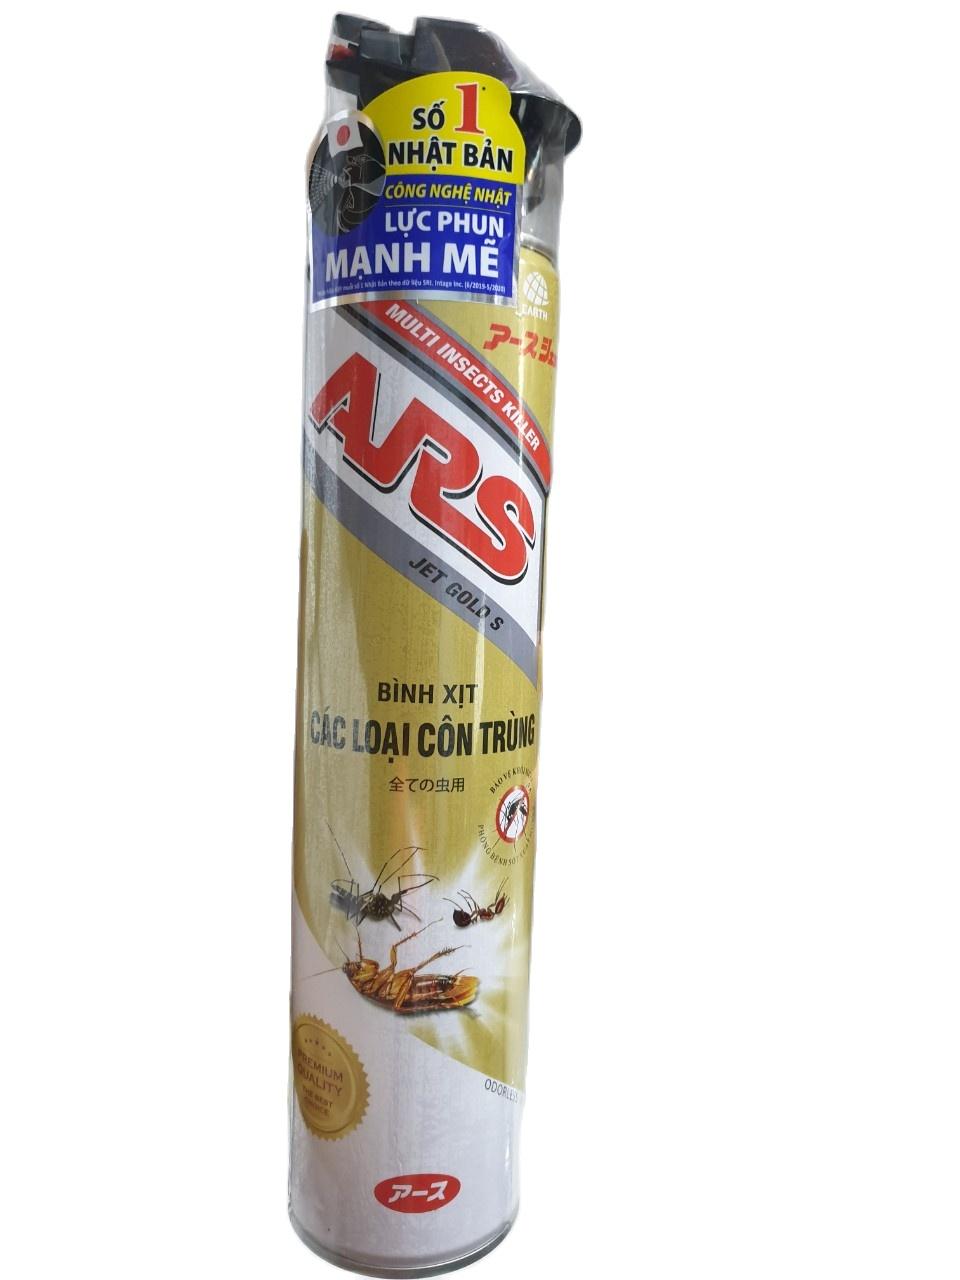 [HCM]Bình xịt côn trùng ARS 600ml CÔNG NGHỆ NHẬT BẢN LanvenderKhông Mùi